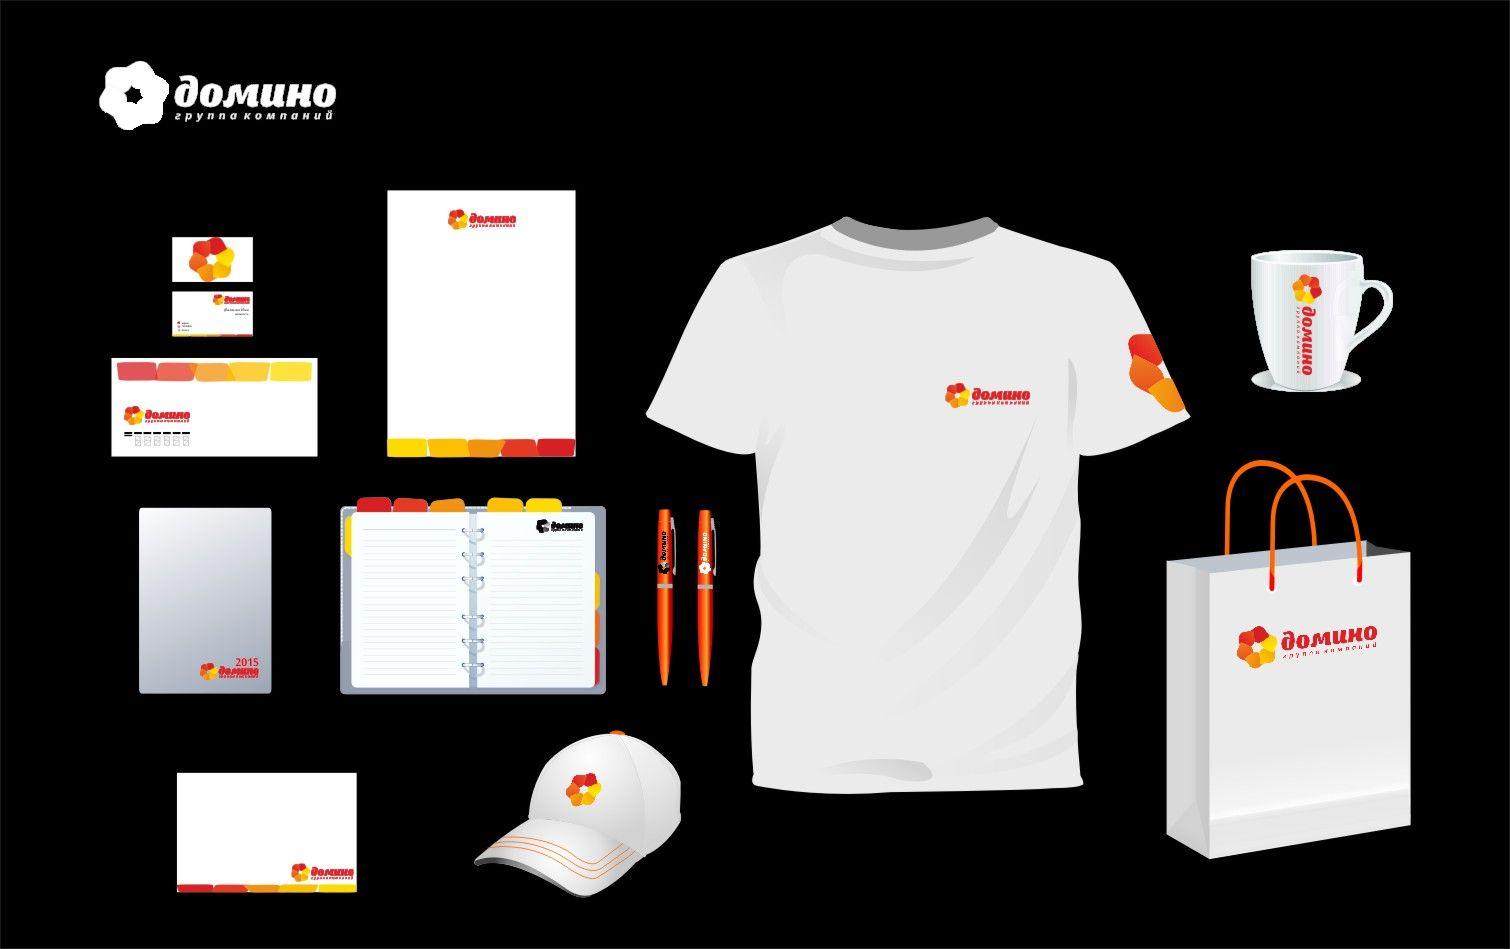 Разработка фирменного стиля (логотип готовый)  - дизайнер panama906090